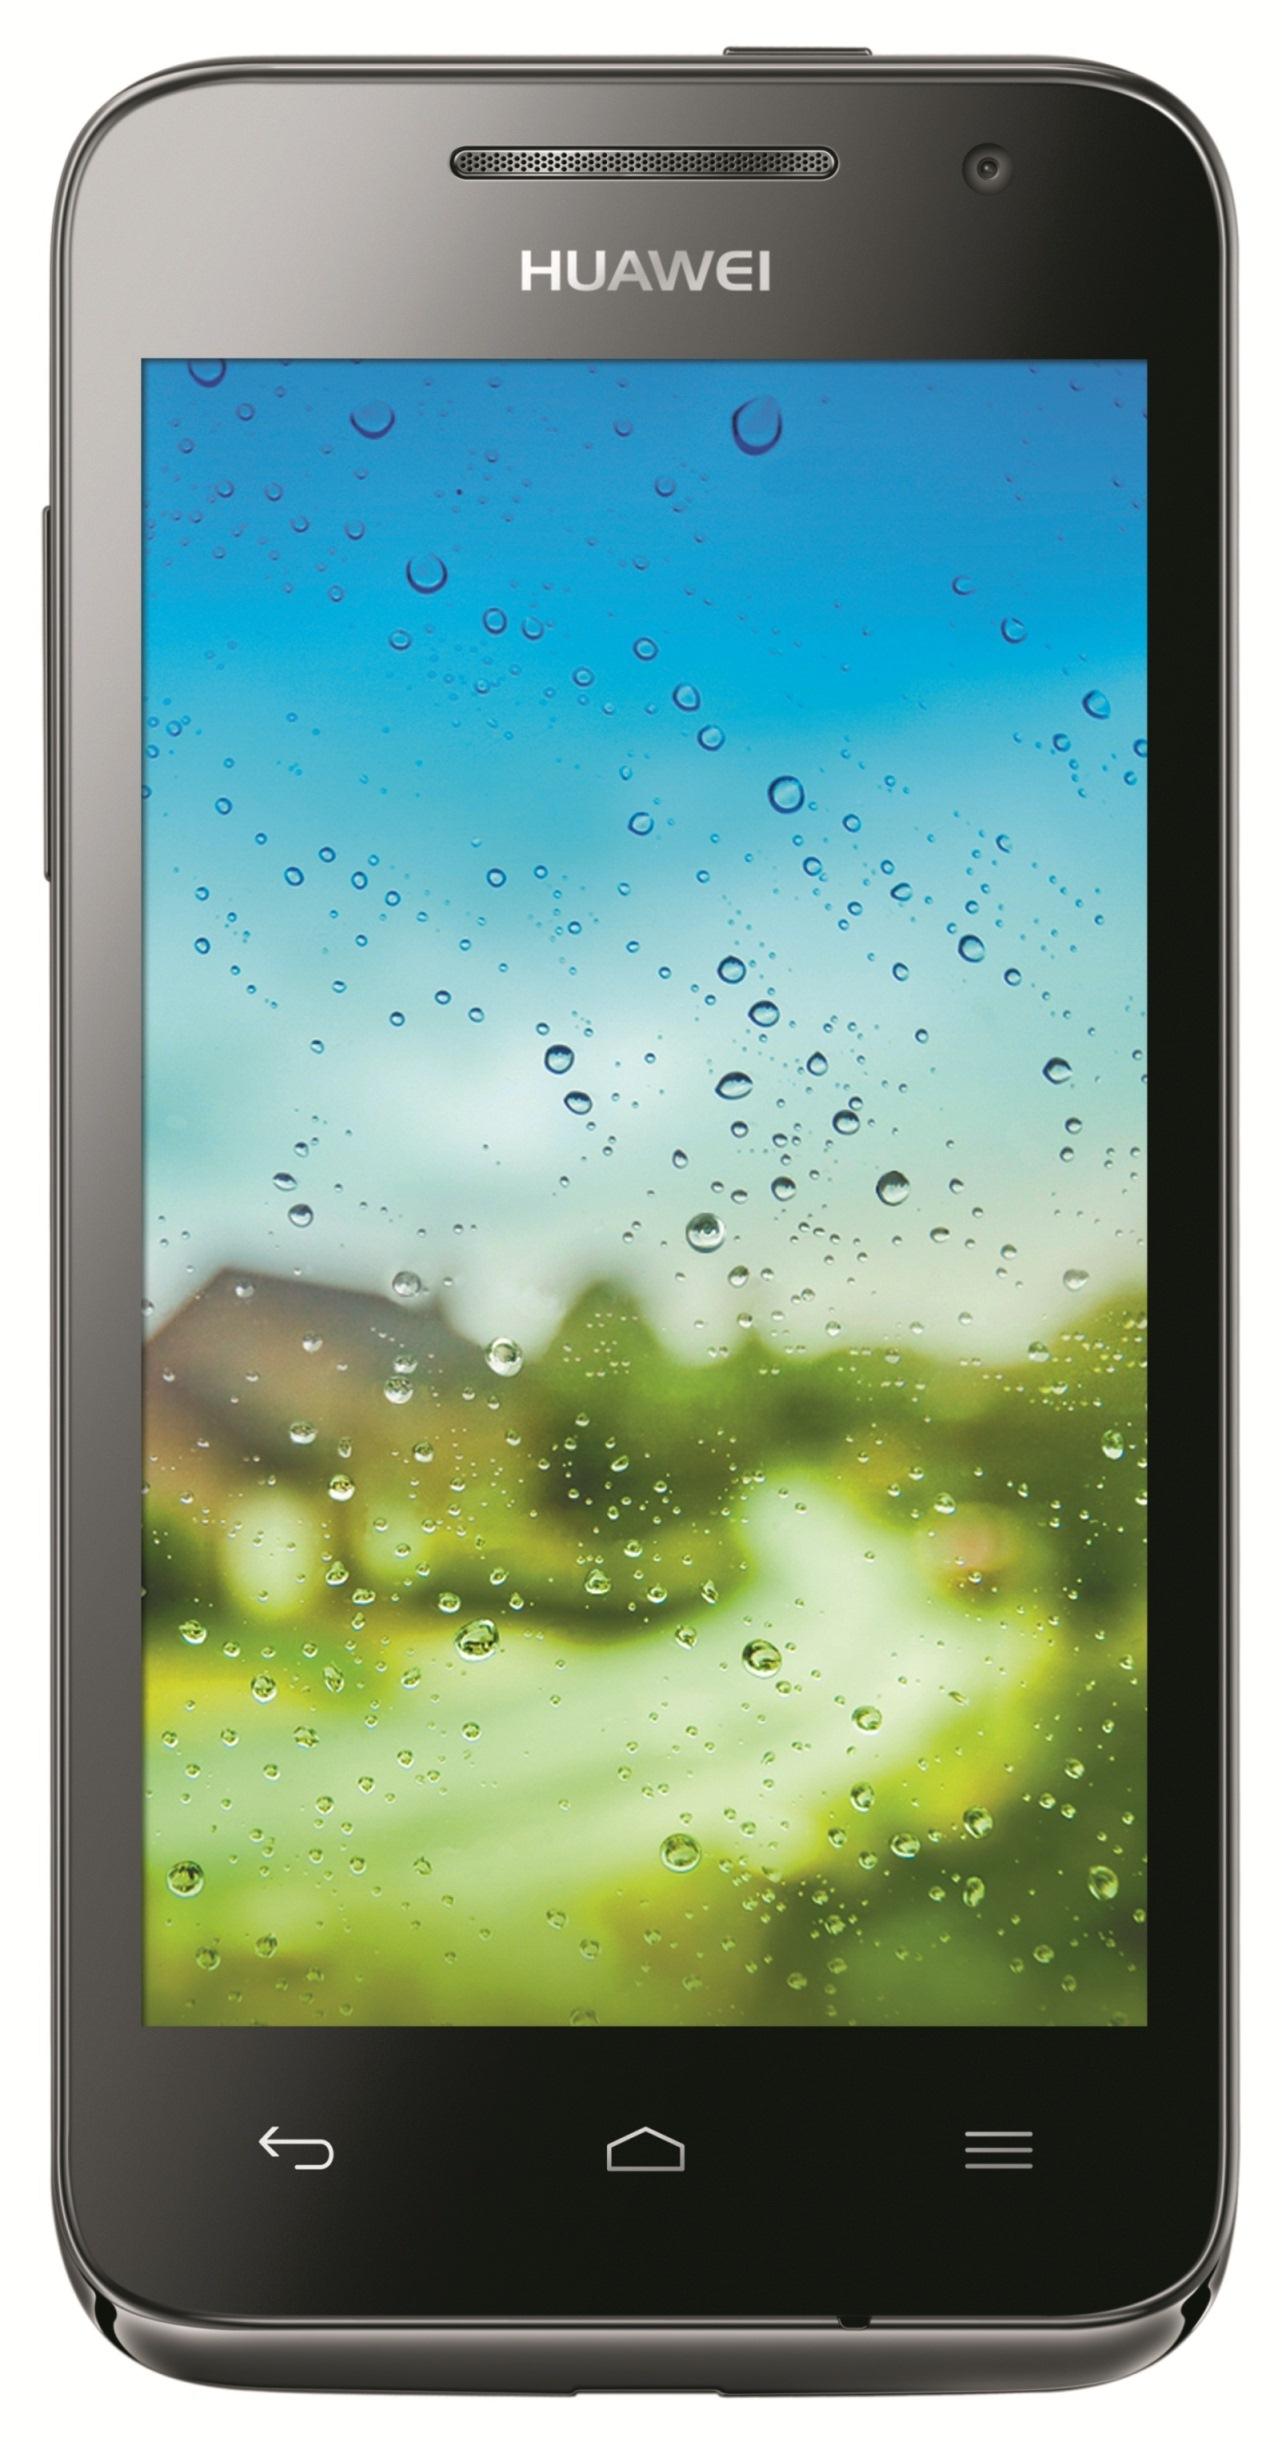 Huawei Ascend G 330: Android-Smartphone mit 4-Zoll-Display für unter 190 Euro -